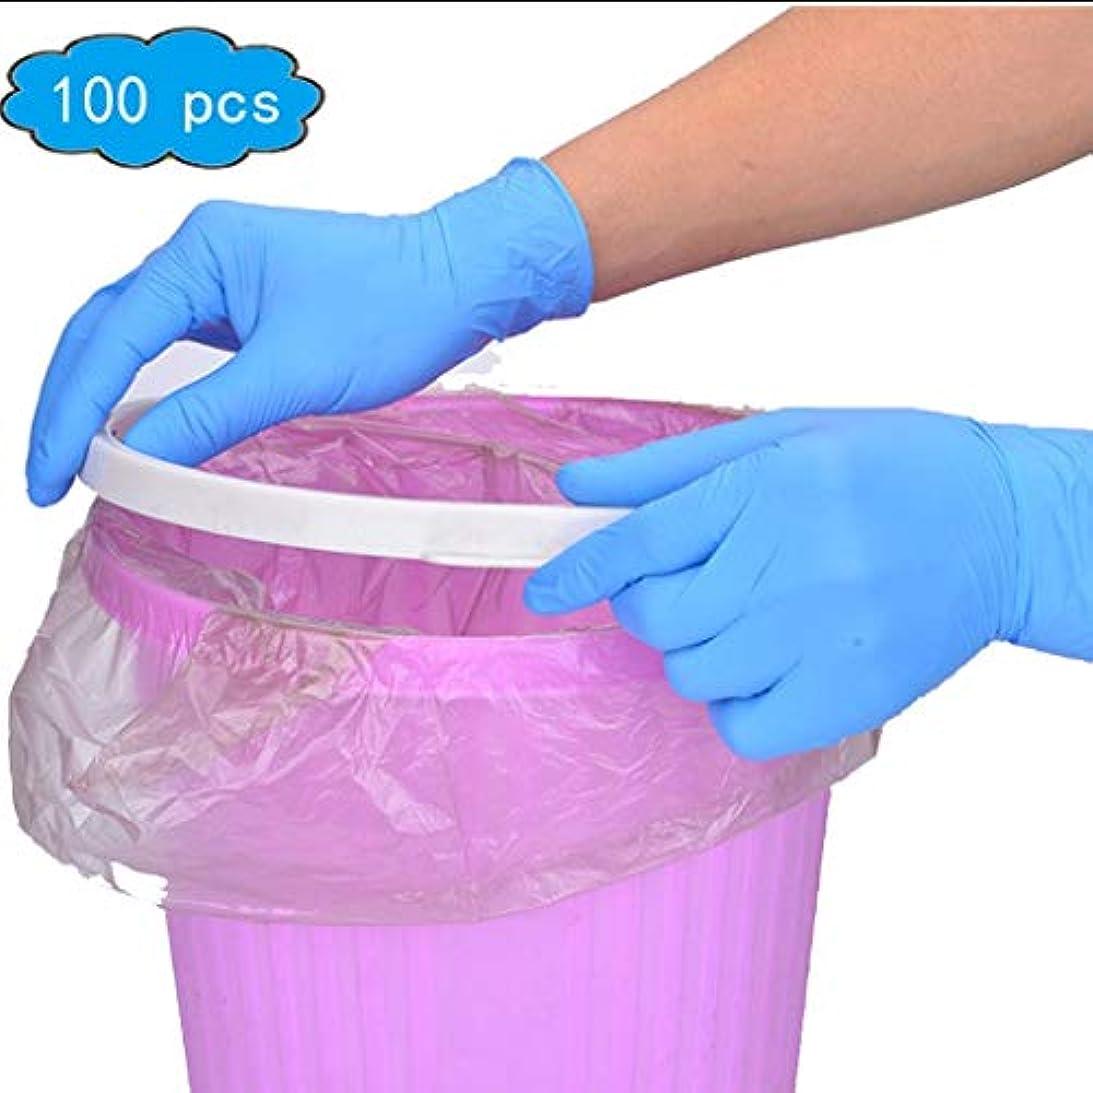 タヒチはいモジュール使い捨てニトリルグローブ、医療用品&機器、テクスチャ指先、フードセーフ、ツール&ホーム改善、塗装、(青、大)100箱、家庭用品、ラテックス手袋使い捨て (Color : Blue, Size : S)